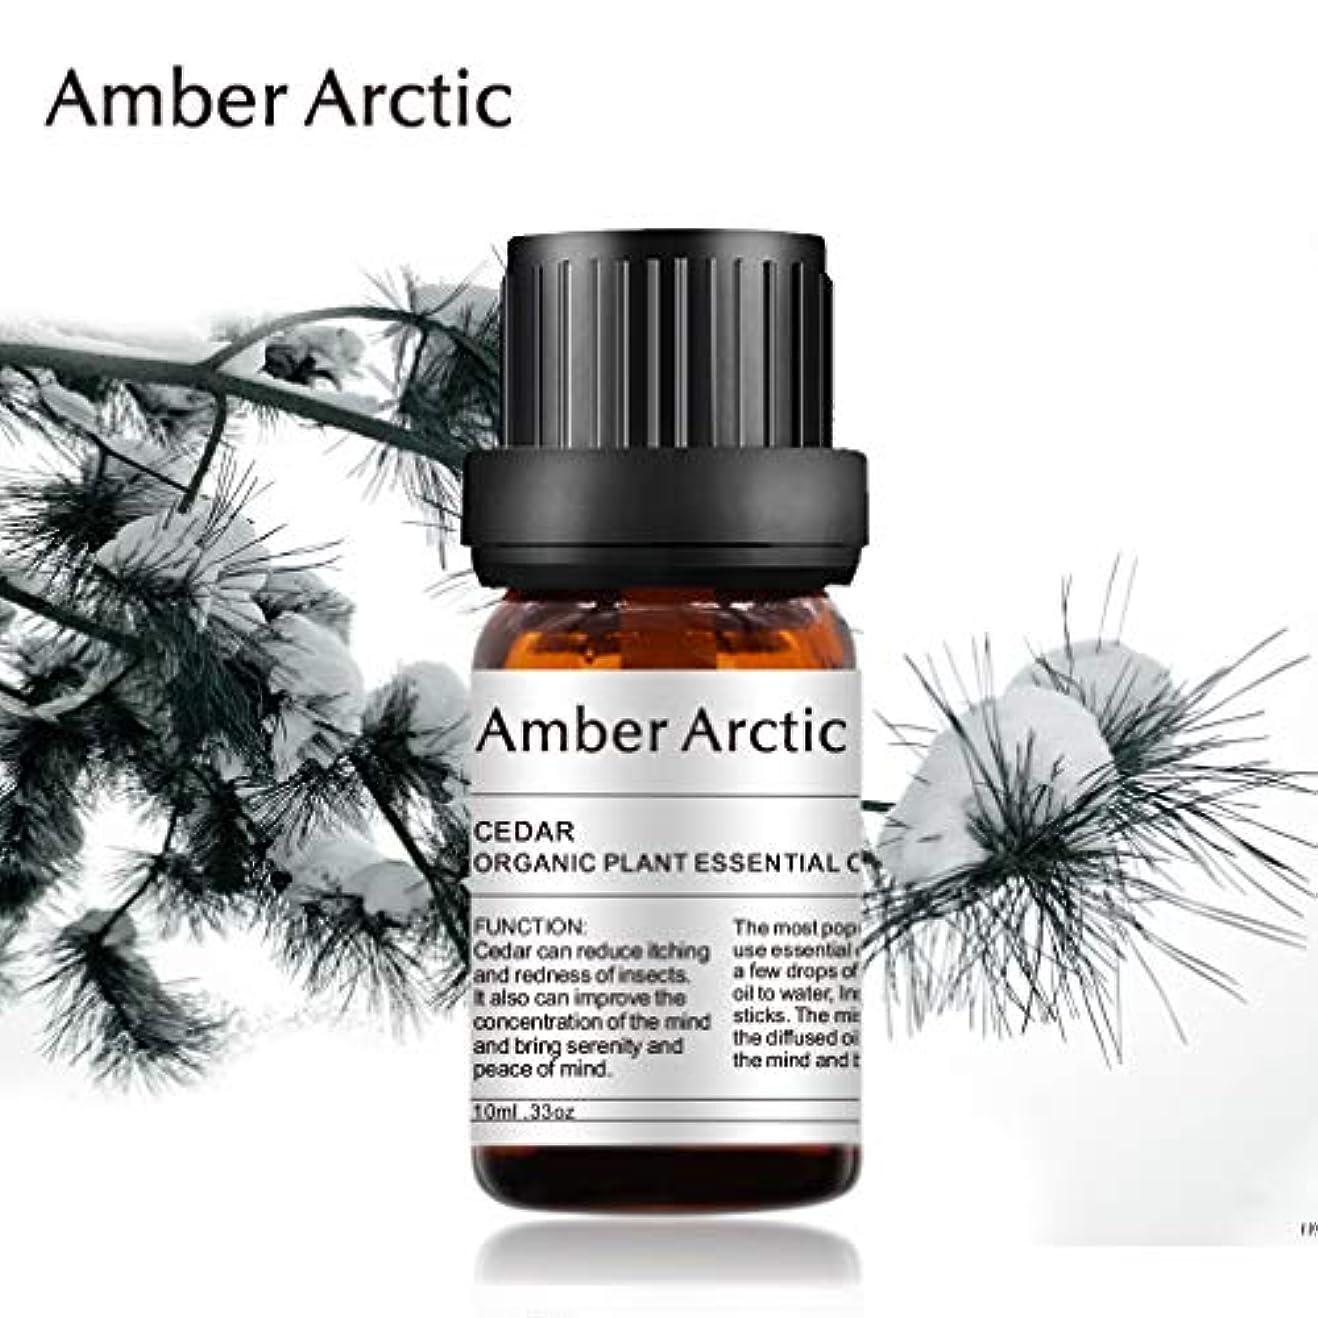 鳴り響く効果的にに対応AMBER ARCTIC エッセンシャル オイル ディフューザー 用 100% ピュア フレッシュ 有機 植物 療法 オイル 0.33 オンス 10ML パイン